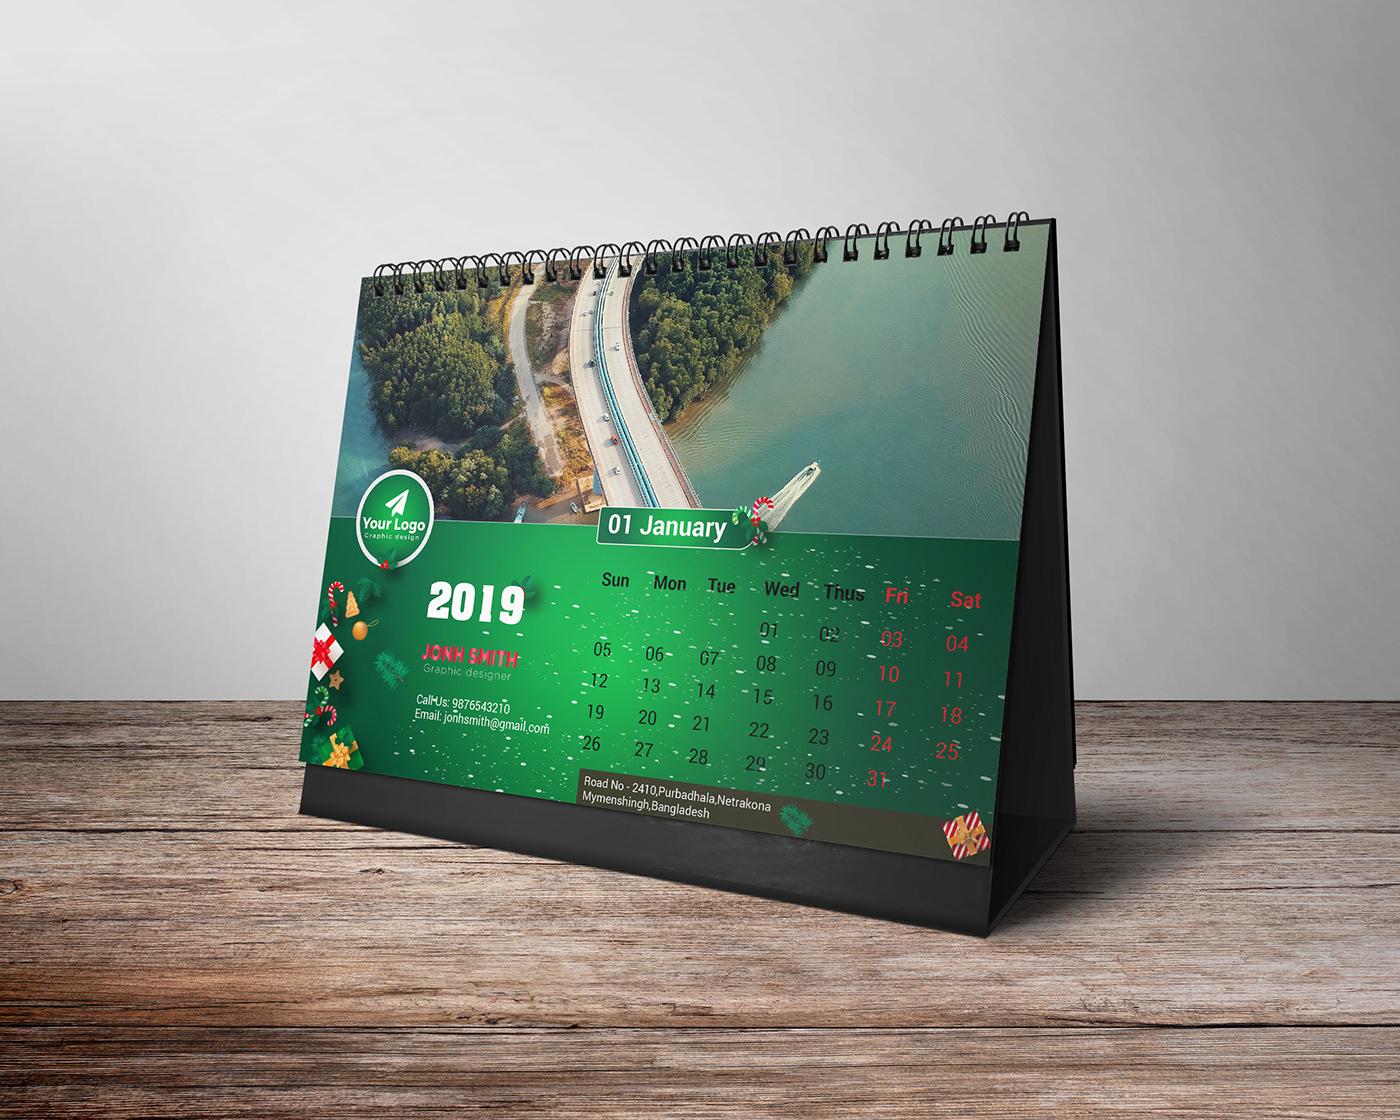 極美的36個月曆設計欣賞